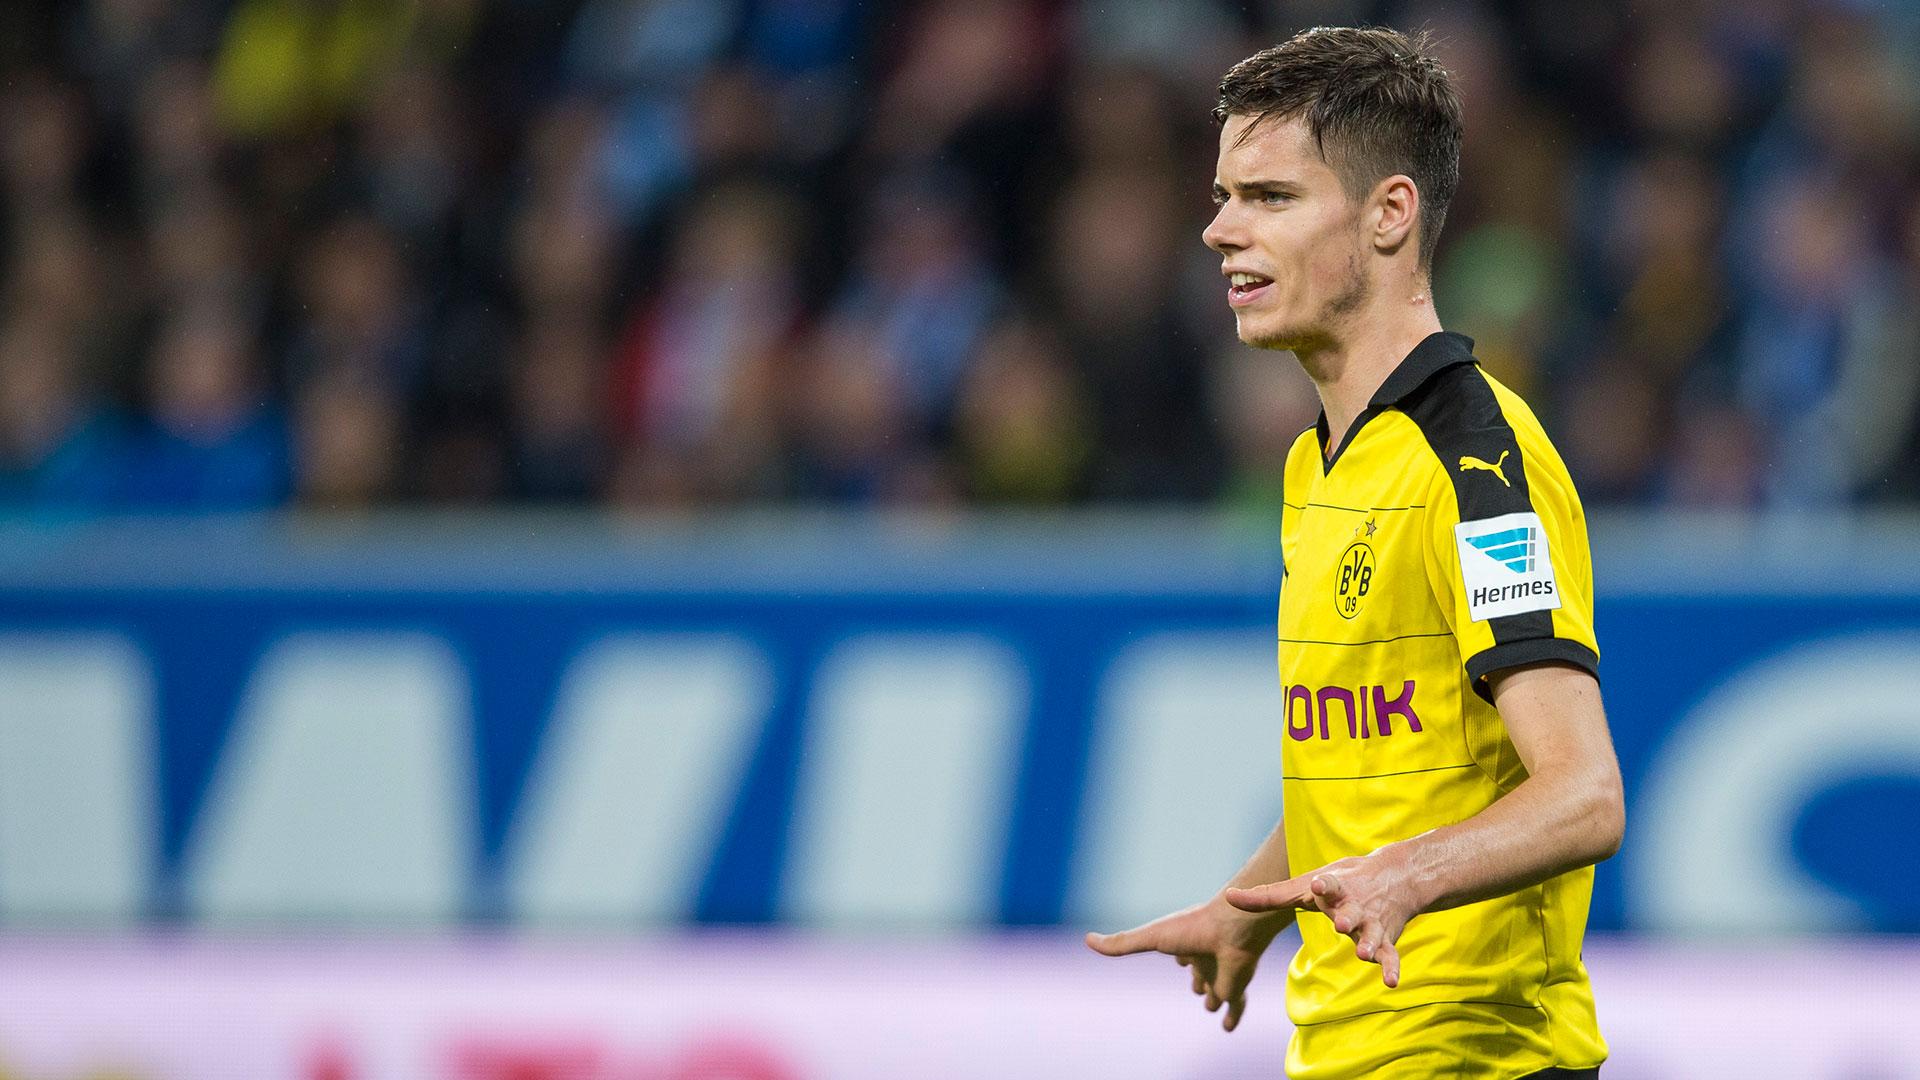 Julian Weigl Borussia Dortmund Goal